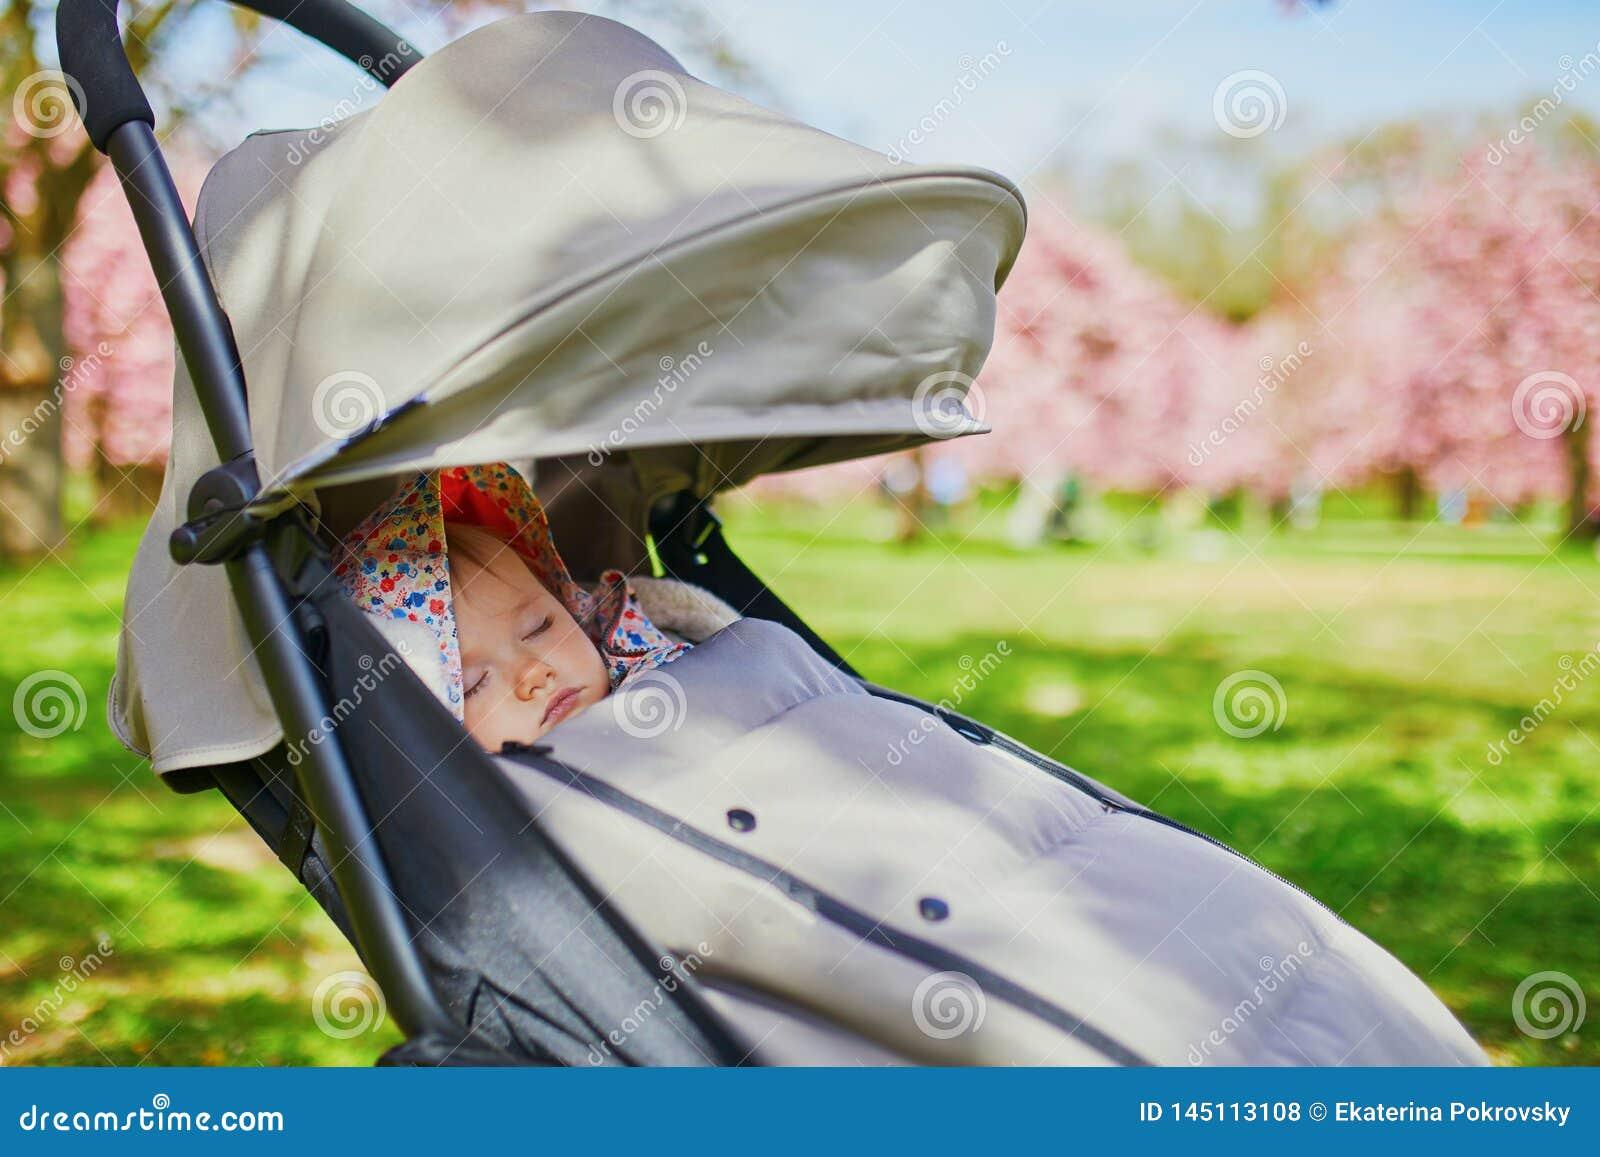 Ύπνος κοριτσάκι ενός έτους βρεφών στο καροτσάκι στο πάρκο